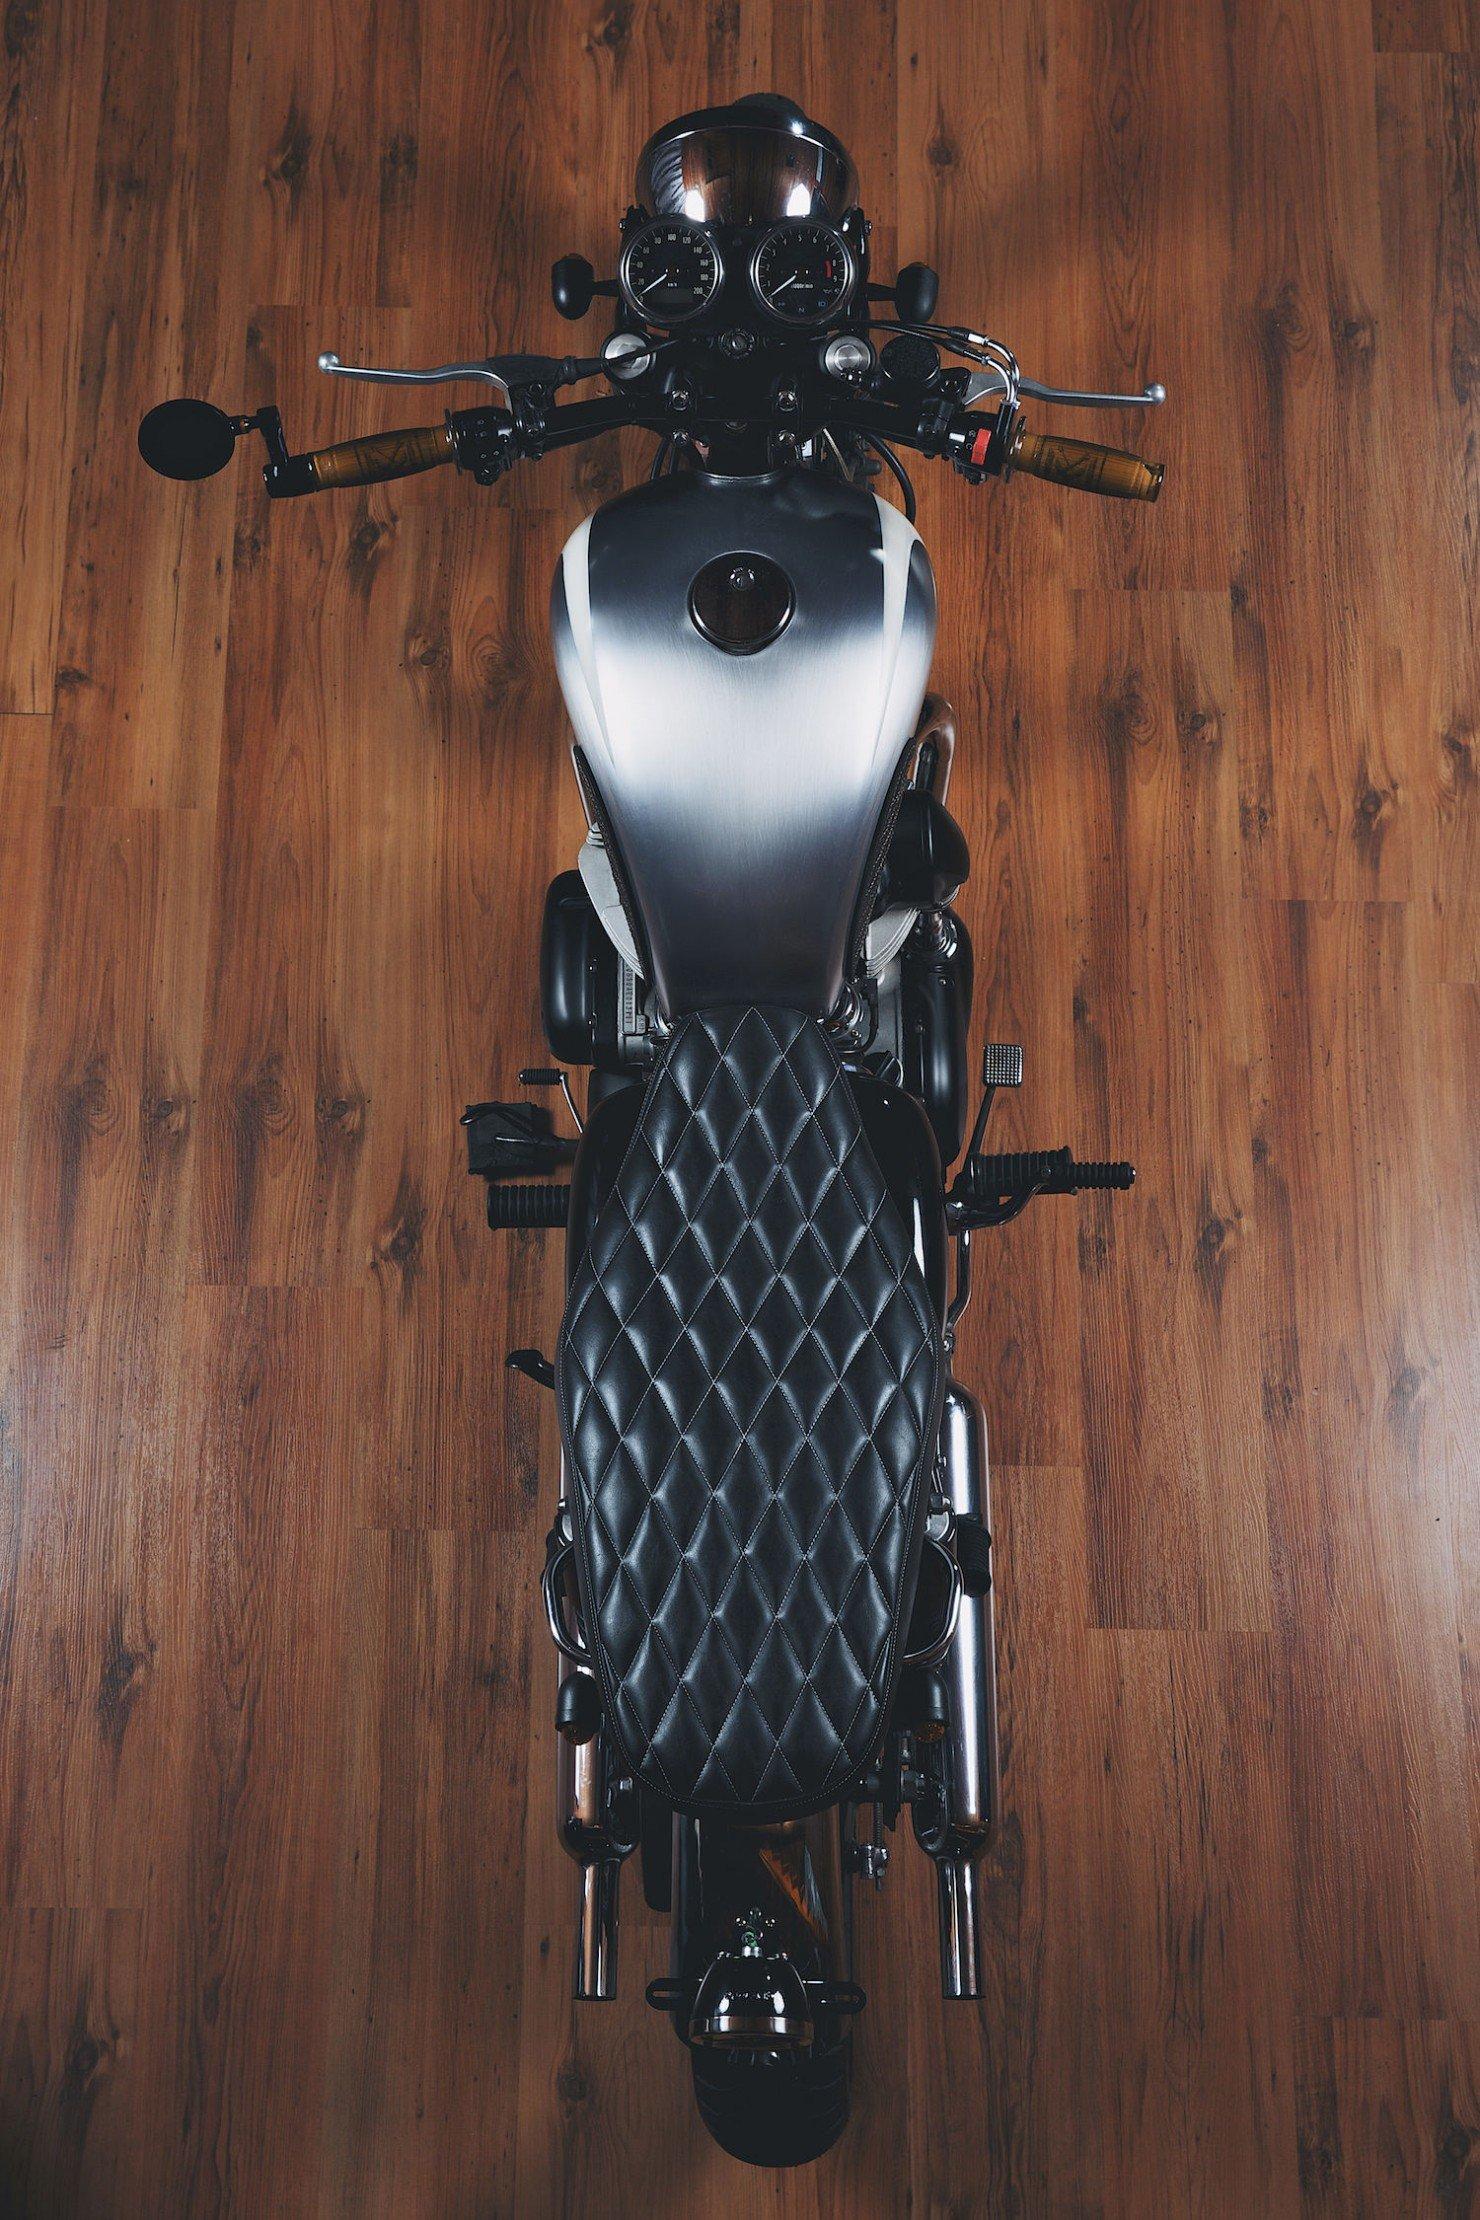 Kawasaki_W650_Motorcycle_15